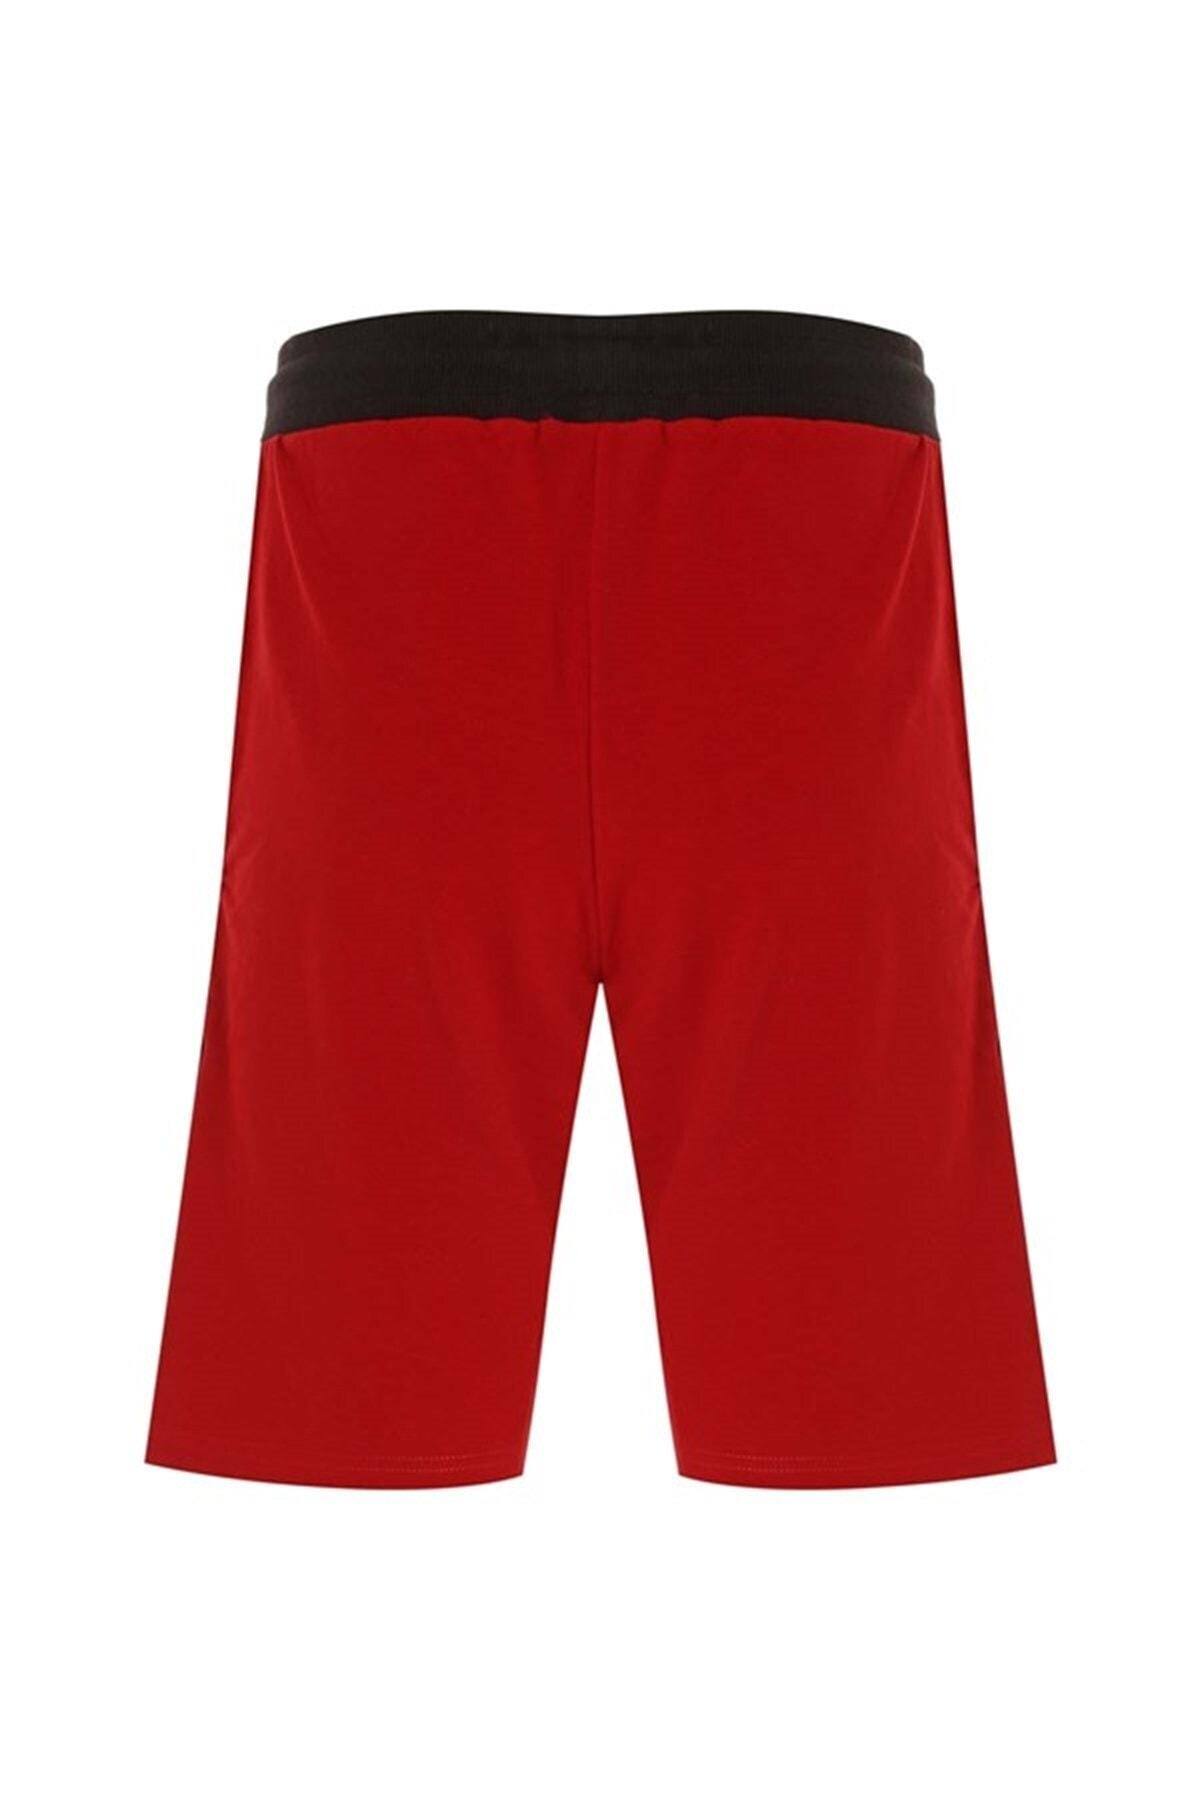 Gymlegend Erkek Kırmızı Yazı Şeritli Bağcıklı Cepli Likralı Iki Iplik Spor Şort